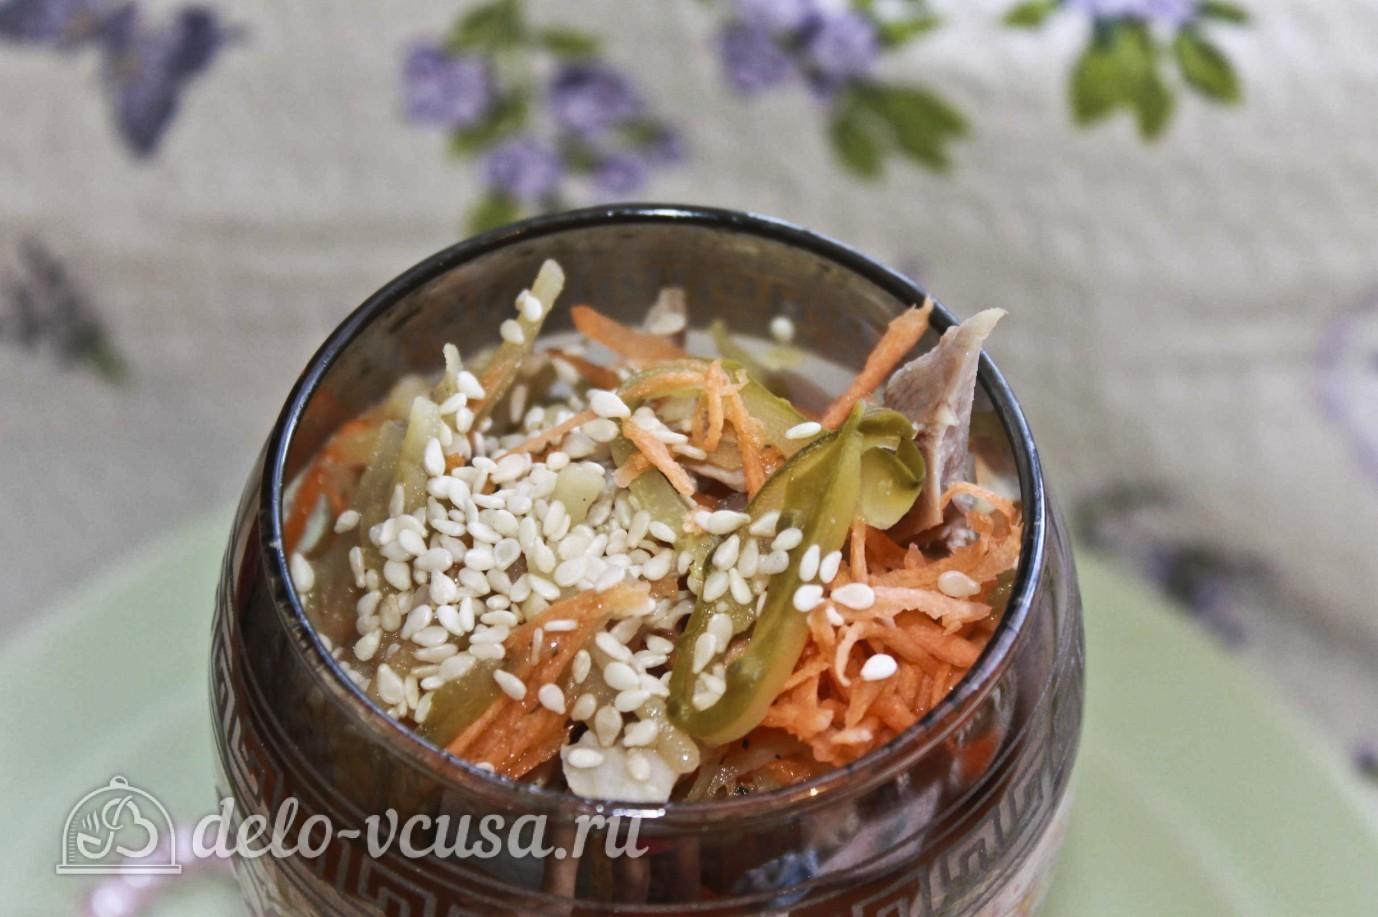 Салат в креманках рецепт пошагово